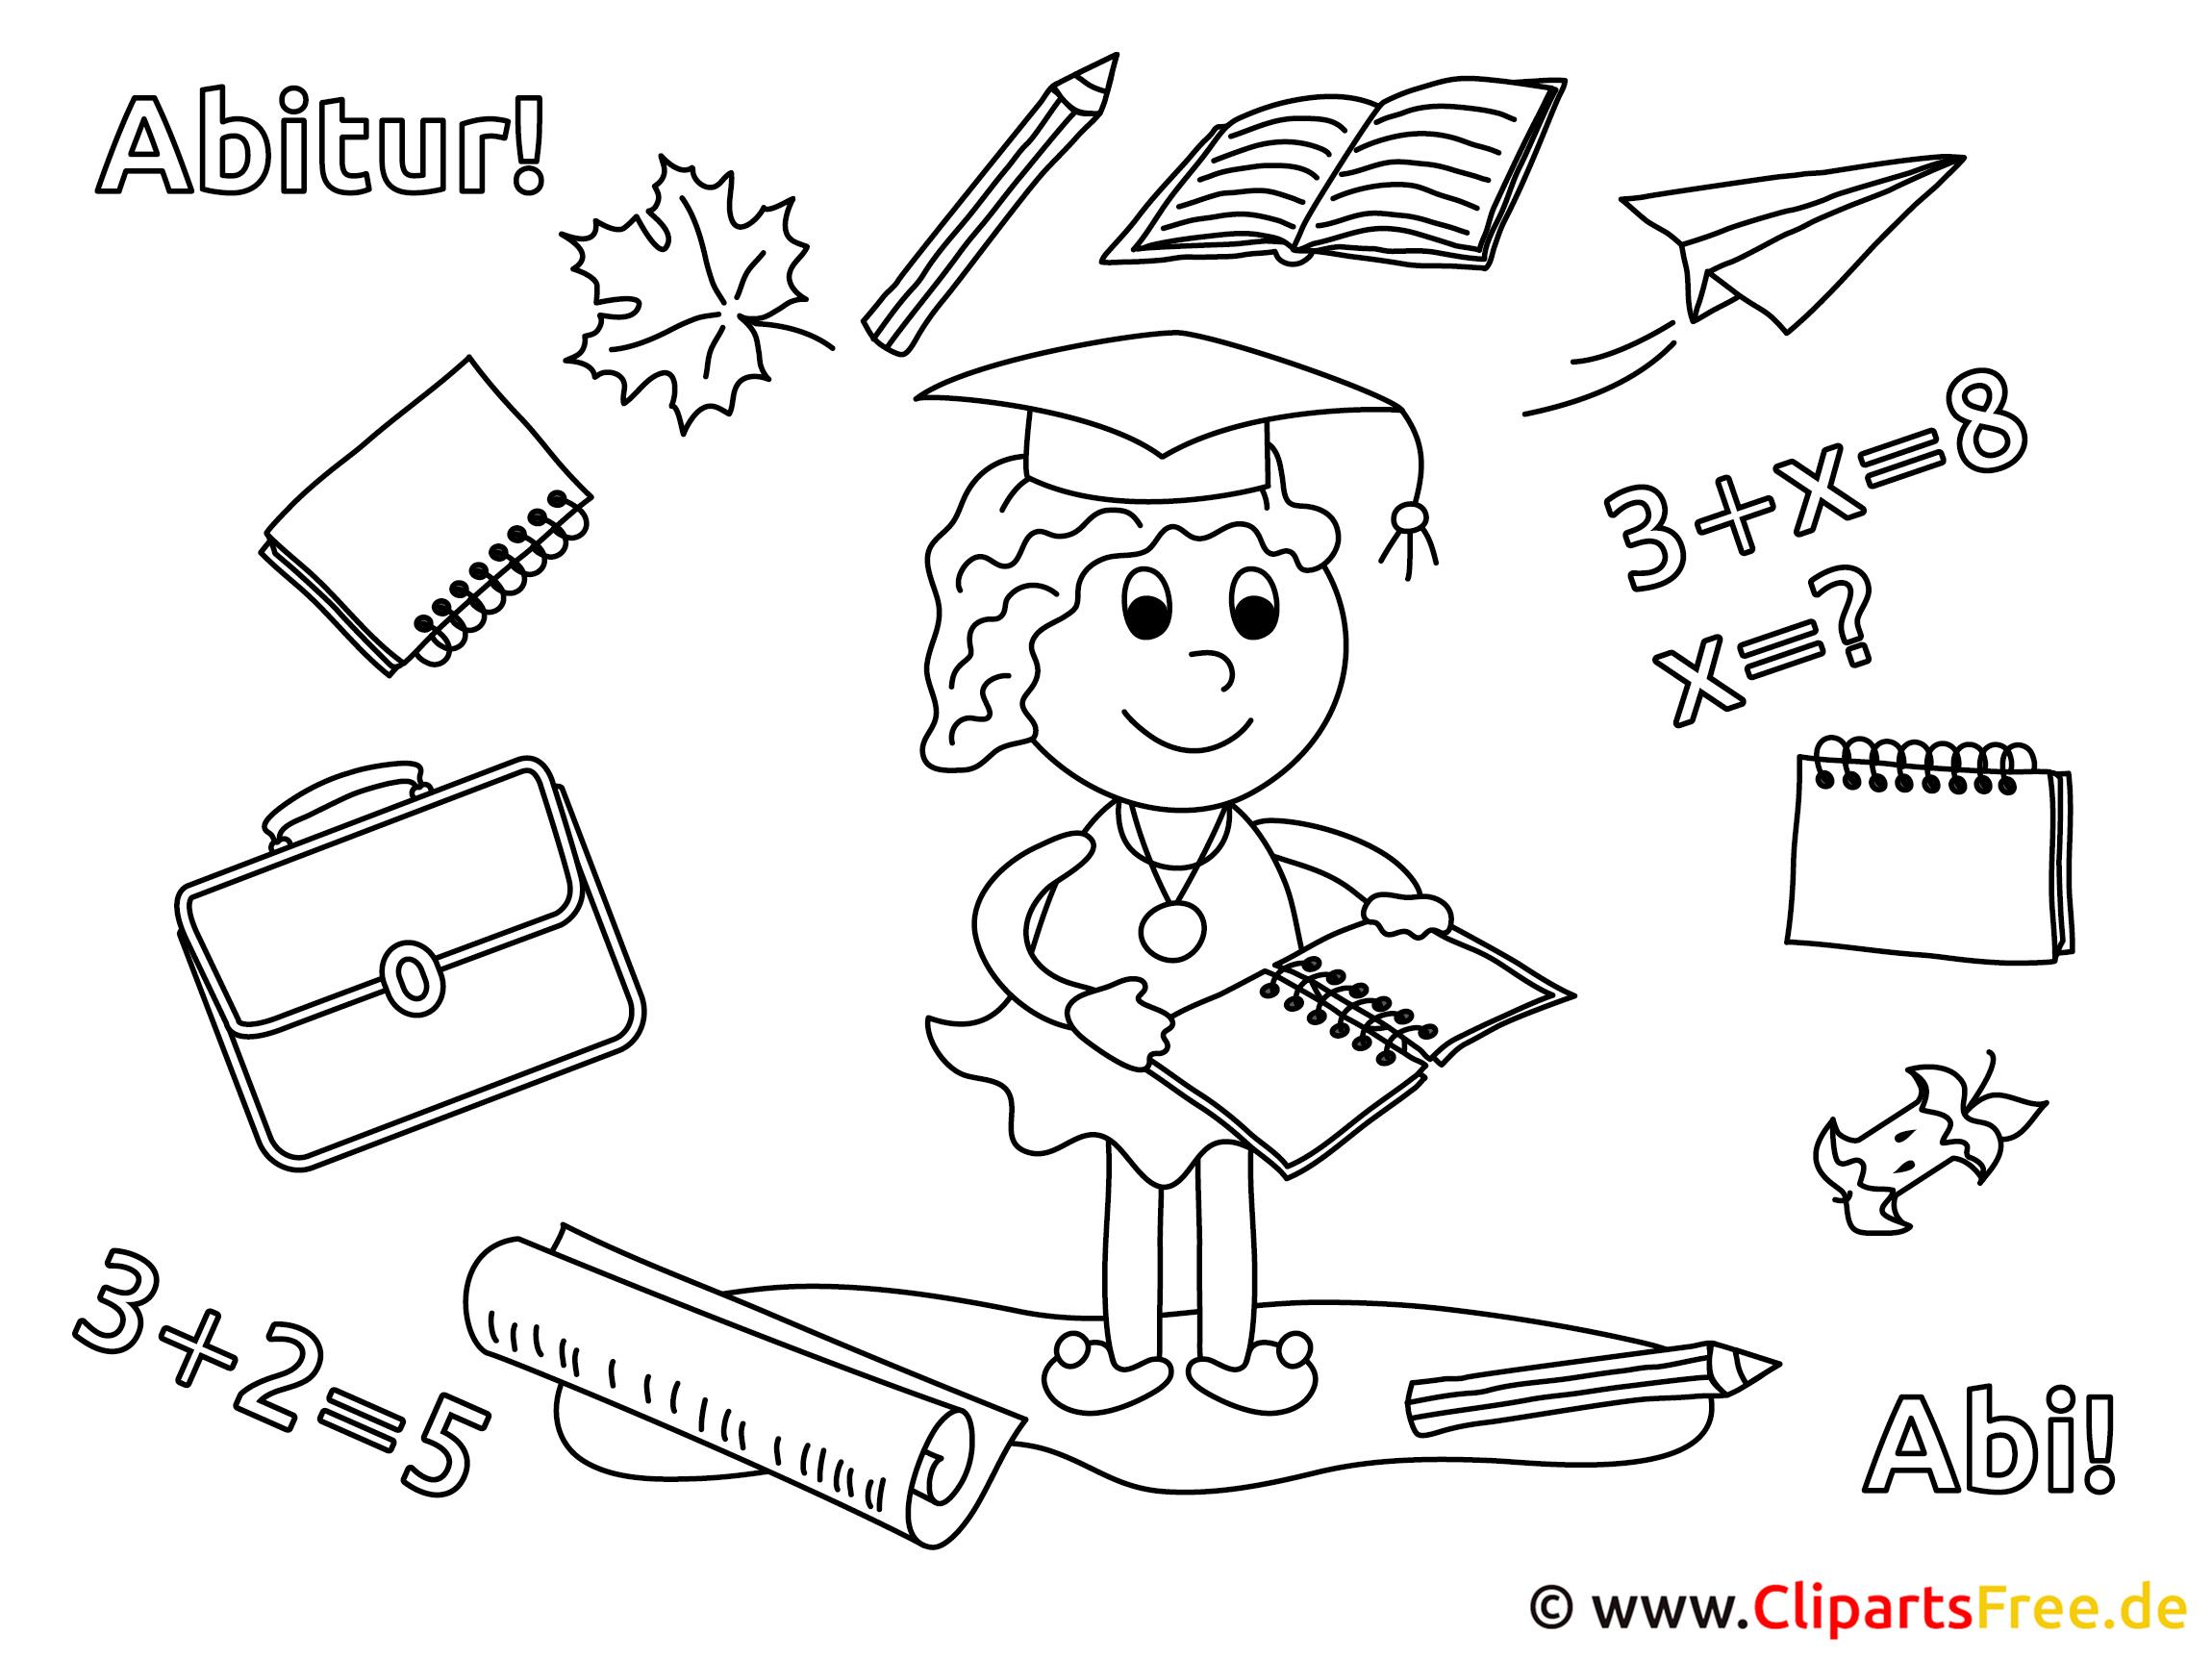 Malvorlagen Zum Schulanfang Kostenlos Zum Ausdrucken über Schulanfang Ausmalbilder